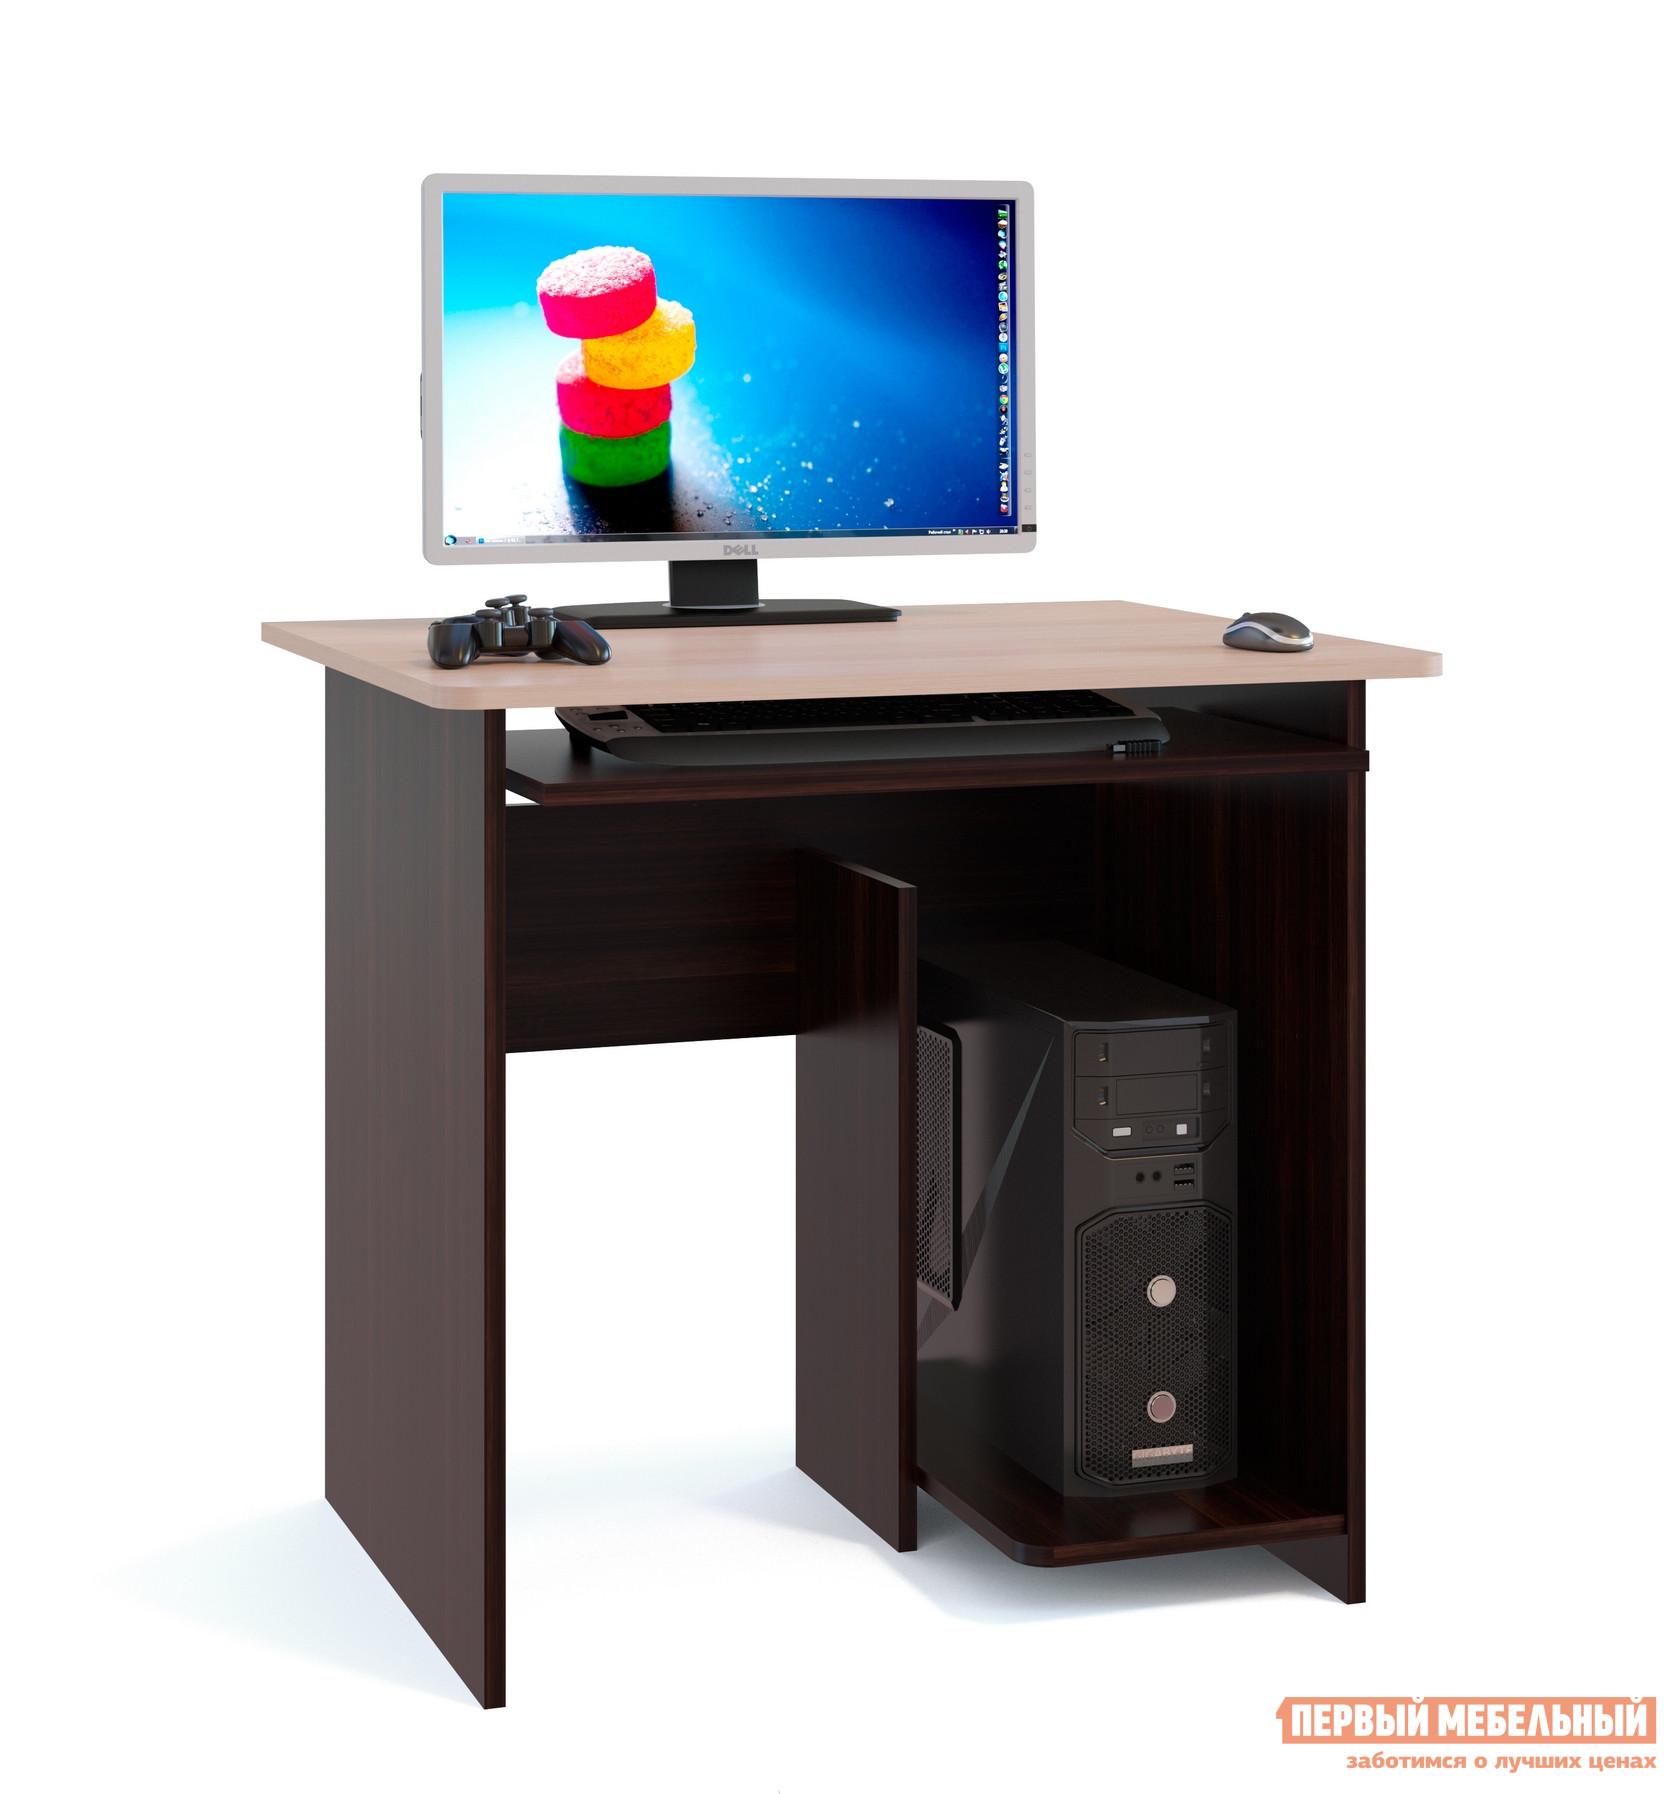 Компьютерный стол Сокол КСТ-21.1 Венге / Беленый дубКомпьютерные столы<br>Габаритные размеры ВхШхГ 740x800x600 мм. Компактный компьютерный стол идеально подойдет для небольшой комнаты.  Лаконичные формы исполнения делают стол универсальным для любого интерьера. Размеры столешницы — 800 х 600 мм — позволяют установить монитор любой диагонали.  Стол оборудован выдвижной полкой для клавиатуры, а в основании с правой стороны расположена ниша под системный блок. Обратите внимание! Стол изготавливается только так, как показано на изображении — системный блок справа. Производится из ЛДСП толщиной 16 мм, края обработаны кромкой ПВХ 0,4 мм.<br><br>Цвет: Темное-cветлое дерево<br>Высота мм: 740<br>Ширина мм: 800<br>Глубина мм: 600<br>Кол-во упаковок: 1<br>Форма поставки: В разобранном виде<br>Срок гарантии: 2 года<br>Тип: Прямые<br>Материал: Дерево<br>Материал: ЛДСП<br>Размер: Маленькие<br>Размер: Ширина 80 см<br>Без надстройки: Да<br>С полками: Да